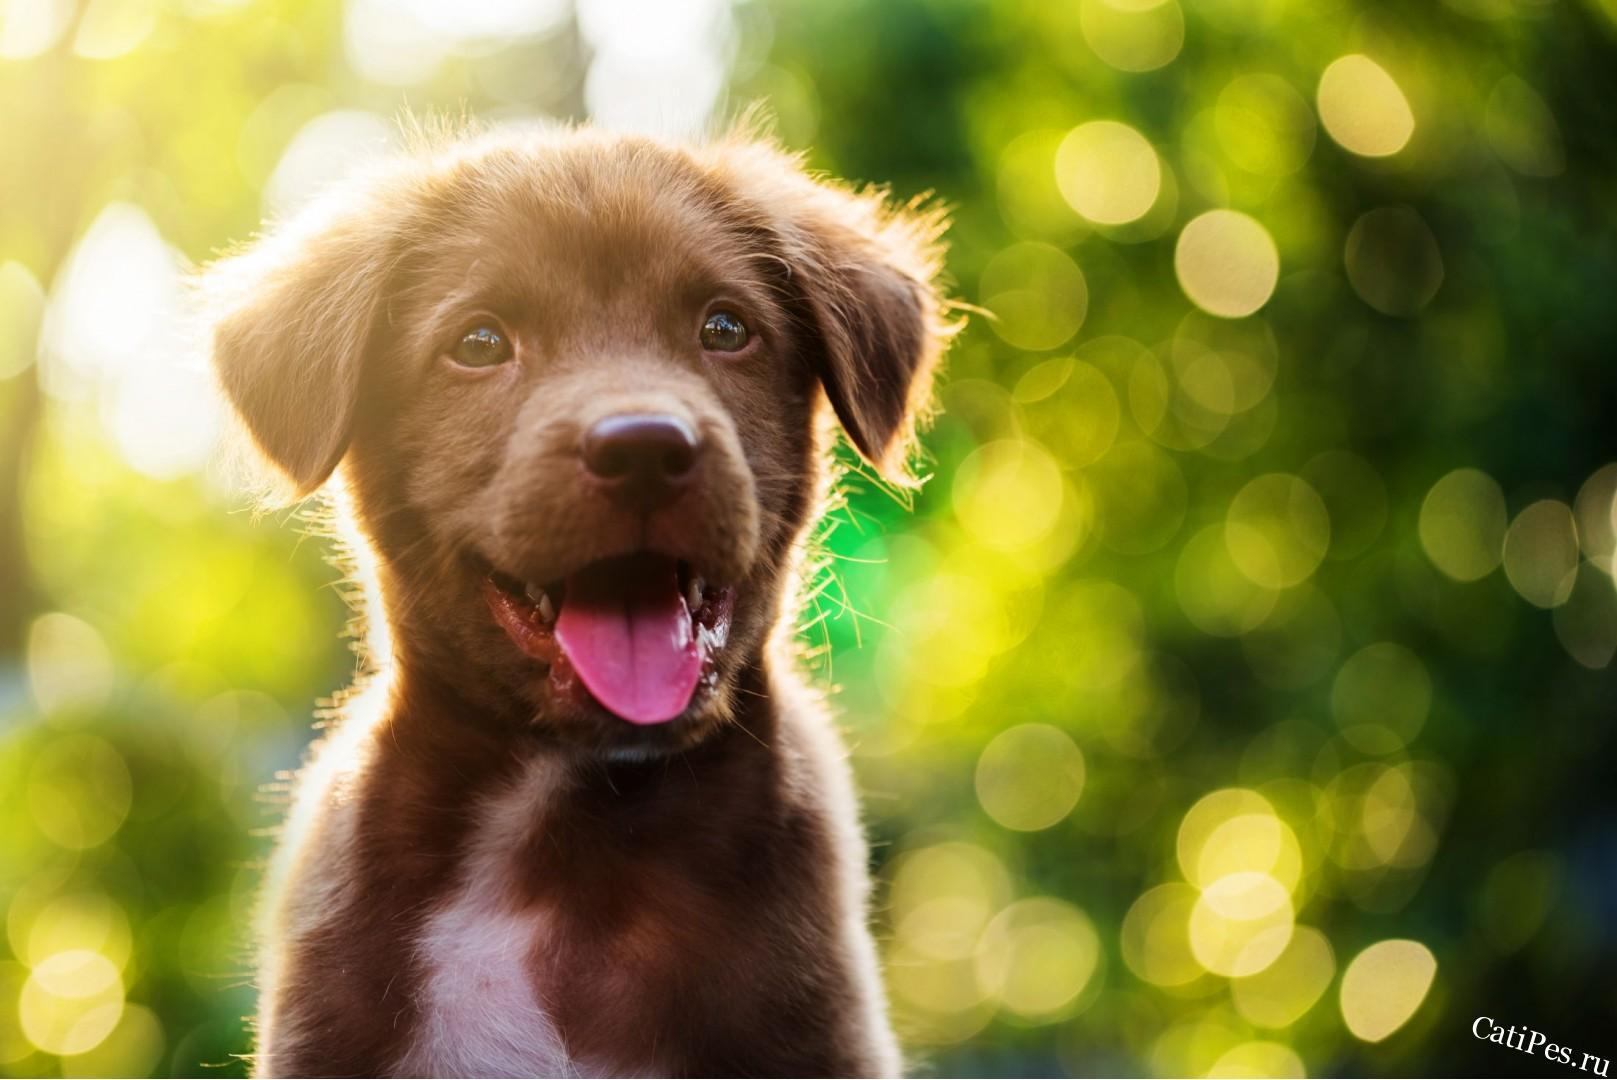 Самые популярные клички для собак девочек